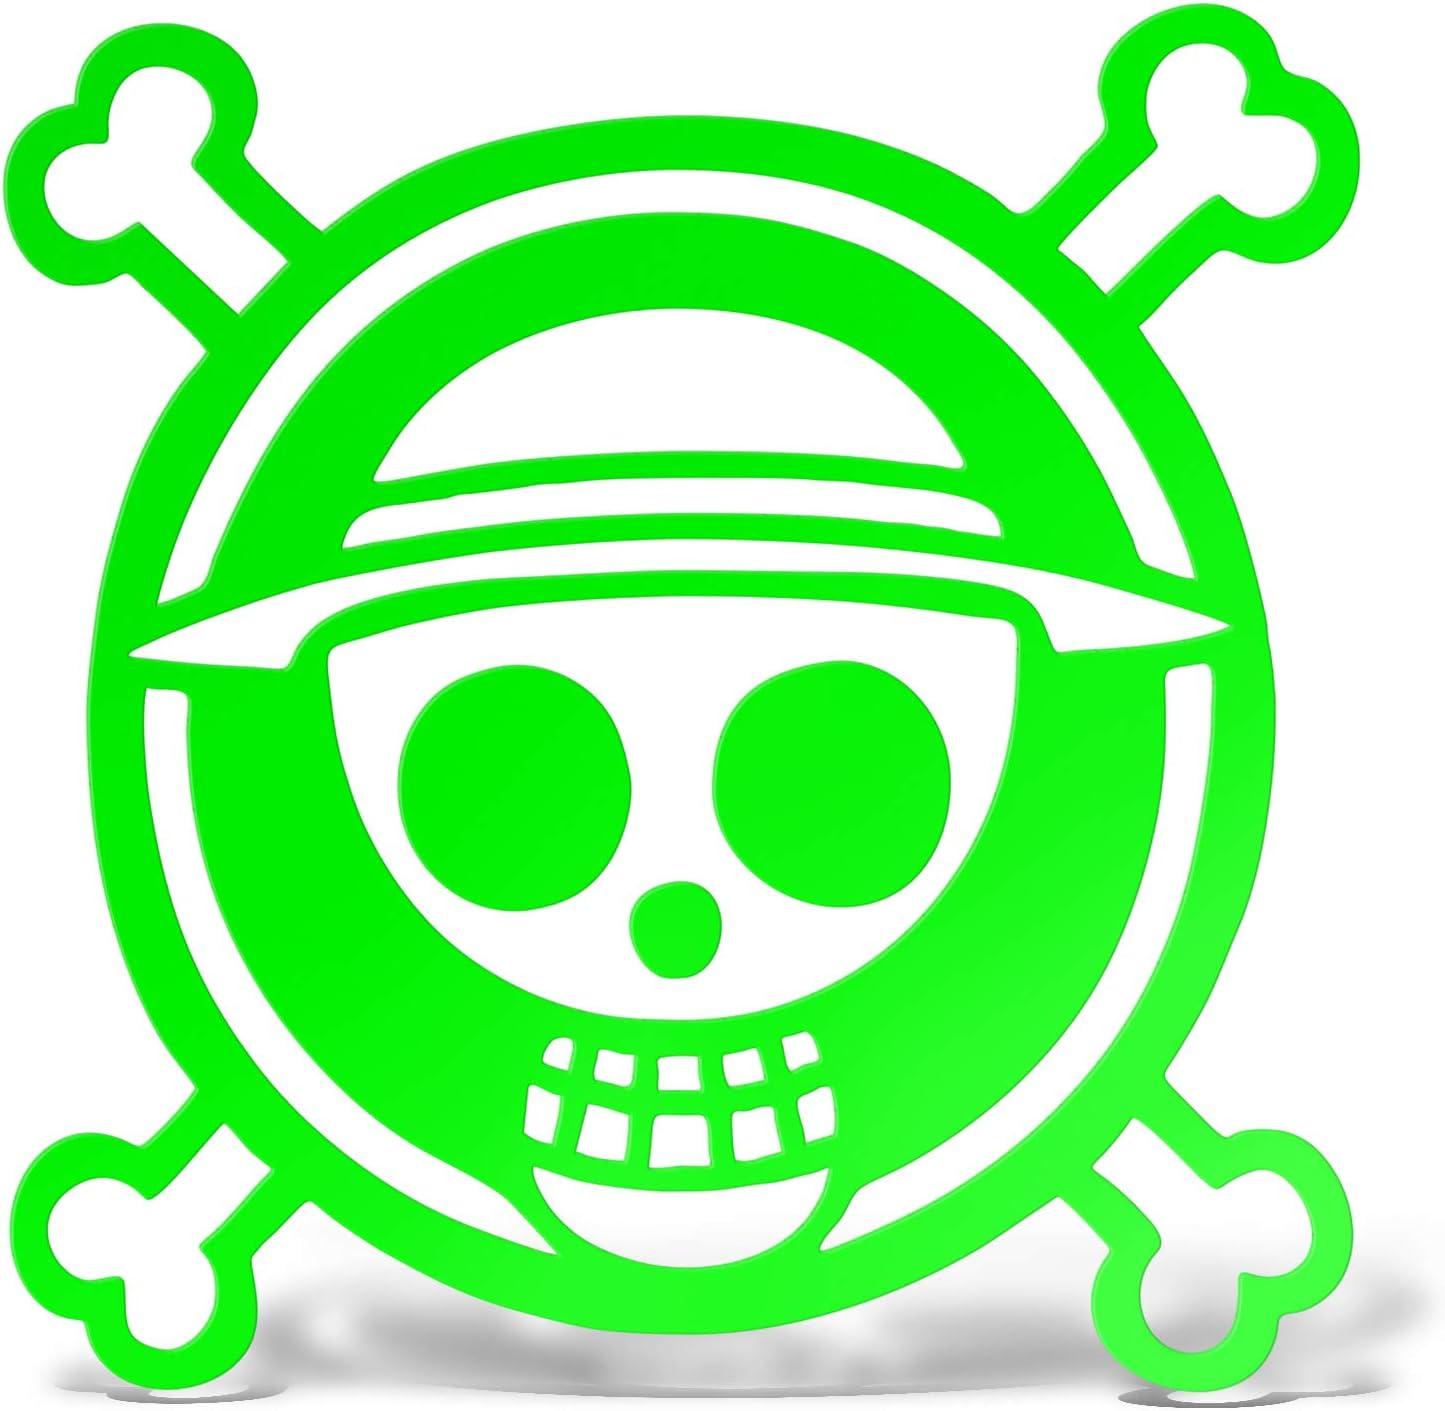 cm 12 erreinge Sticker One Piece Pirate Blue Autocollant pr/éd/écoup/é in PVC pour D/écalcomanie Muraux Voiture Moto Casque Campeur Portable Scooter